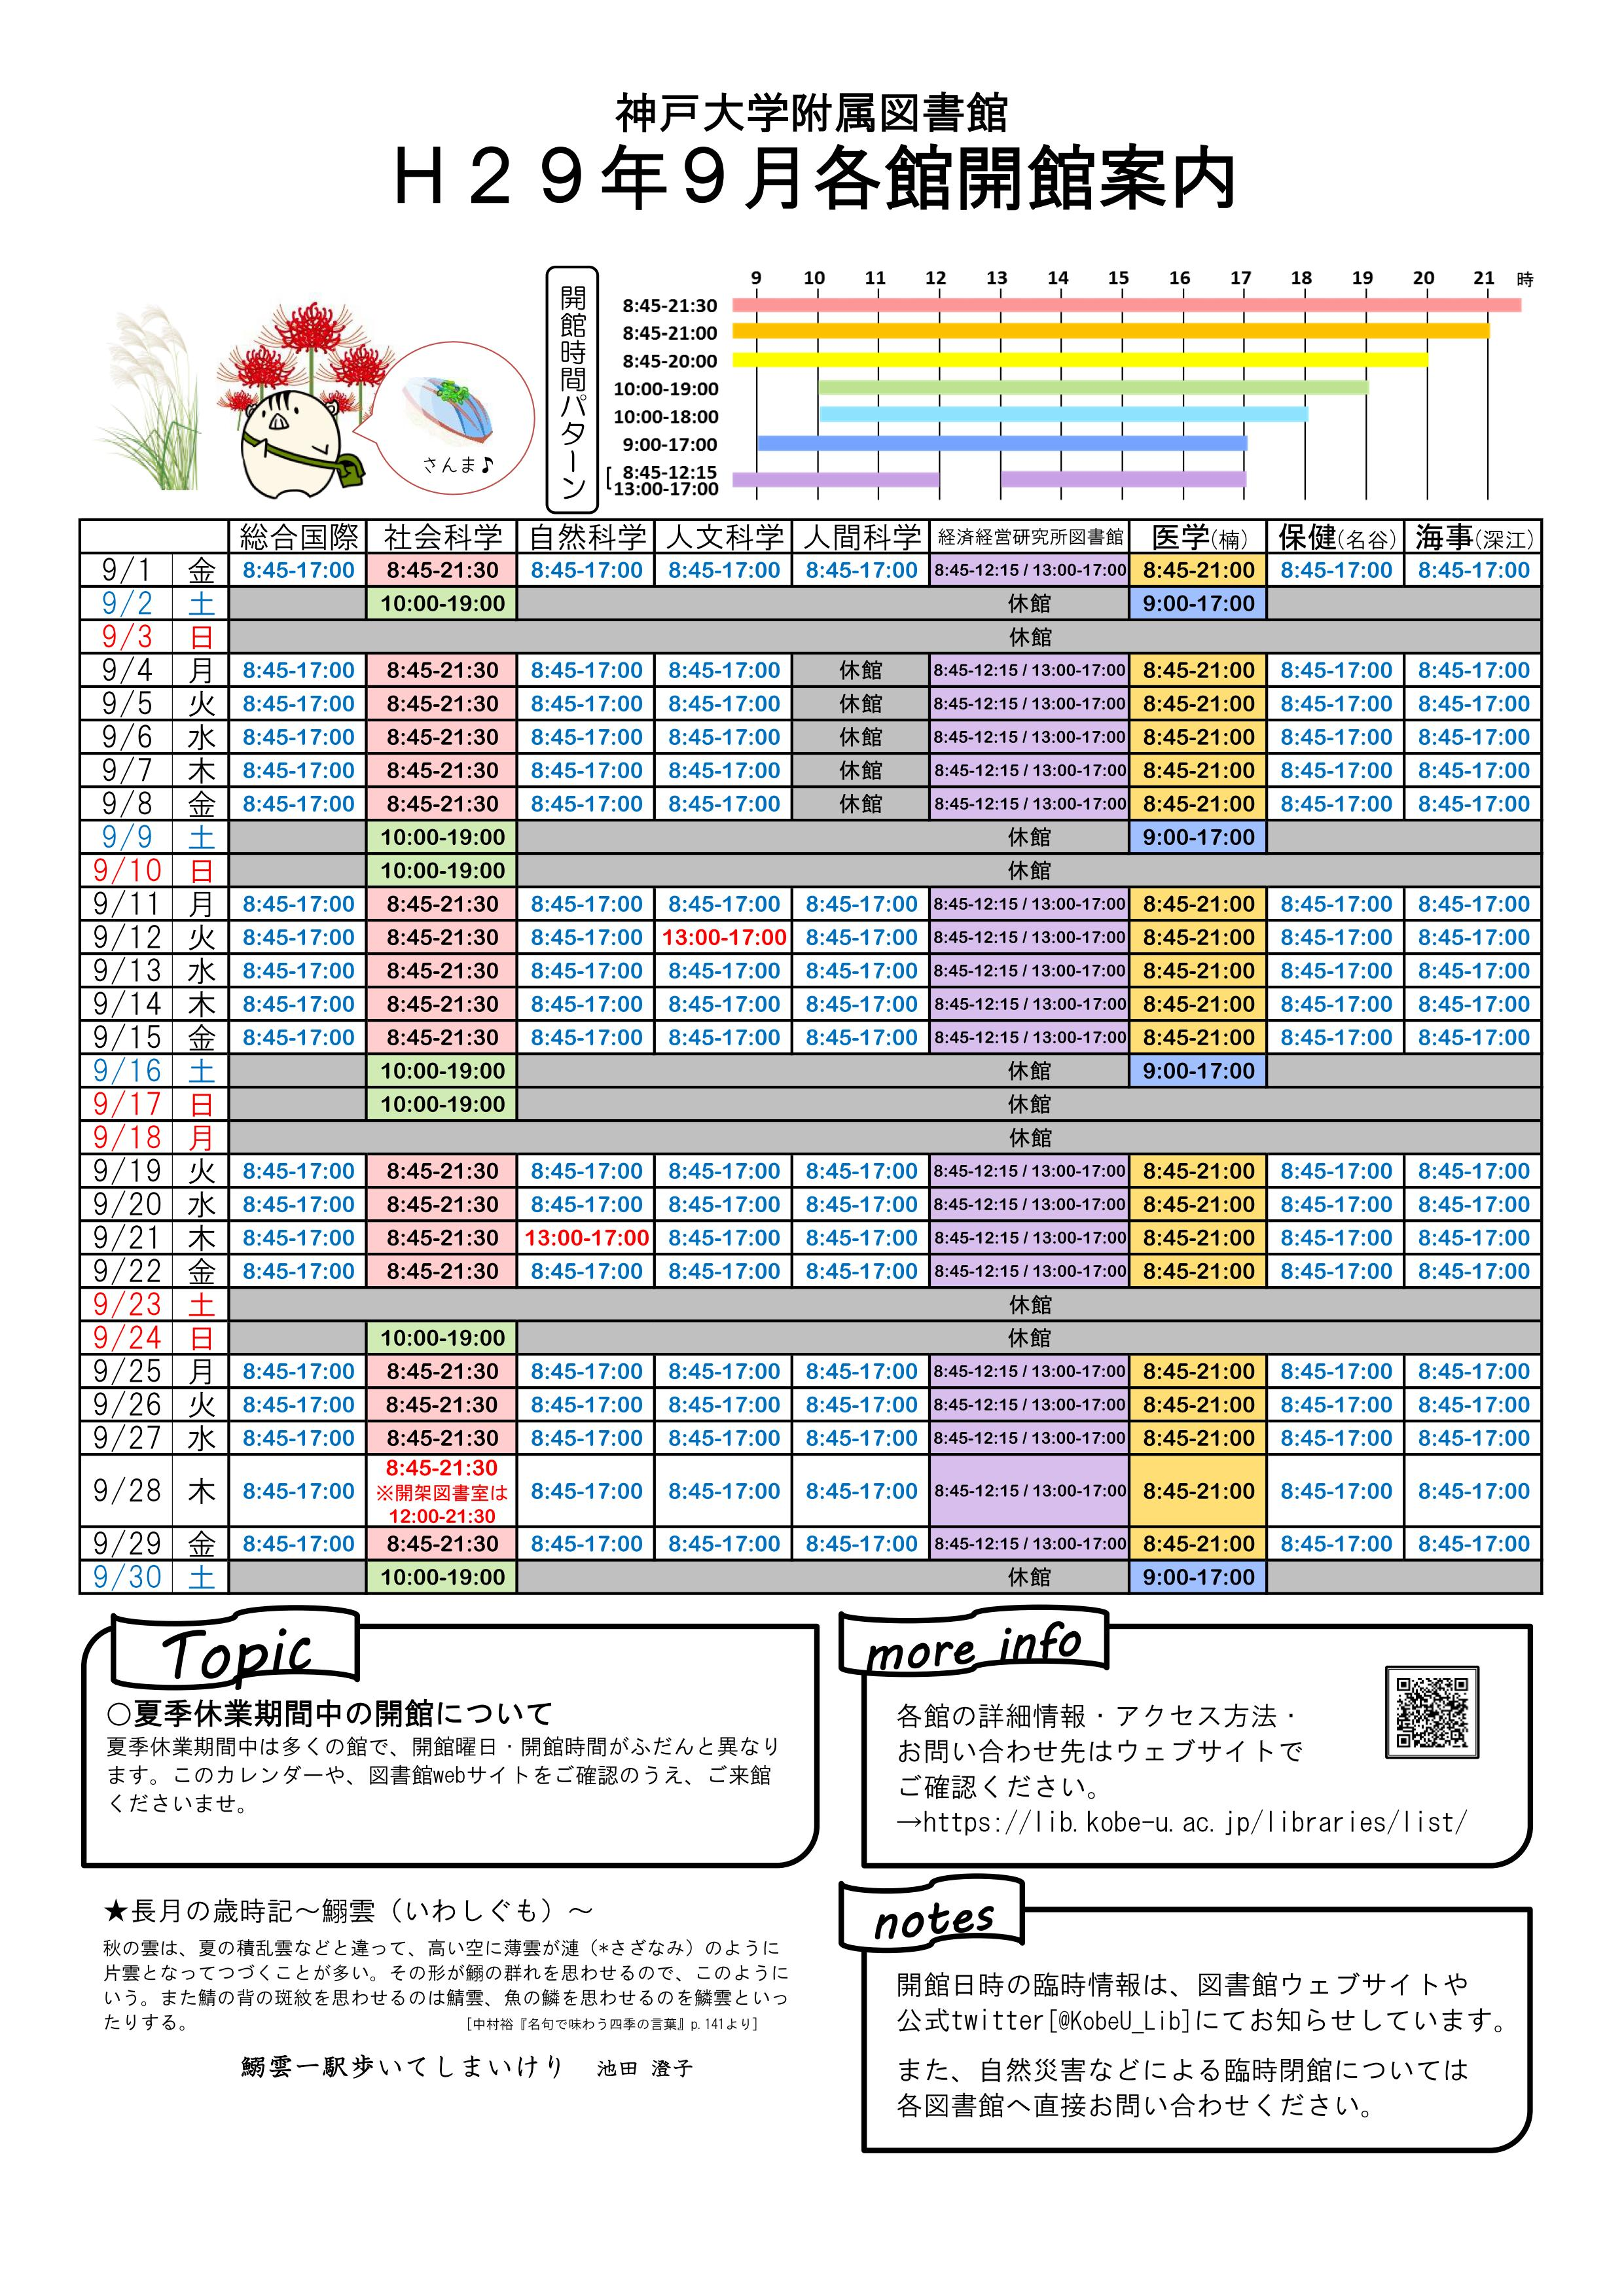 平成29年9月図書館各館開館案内カレンダー